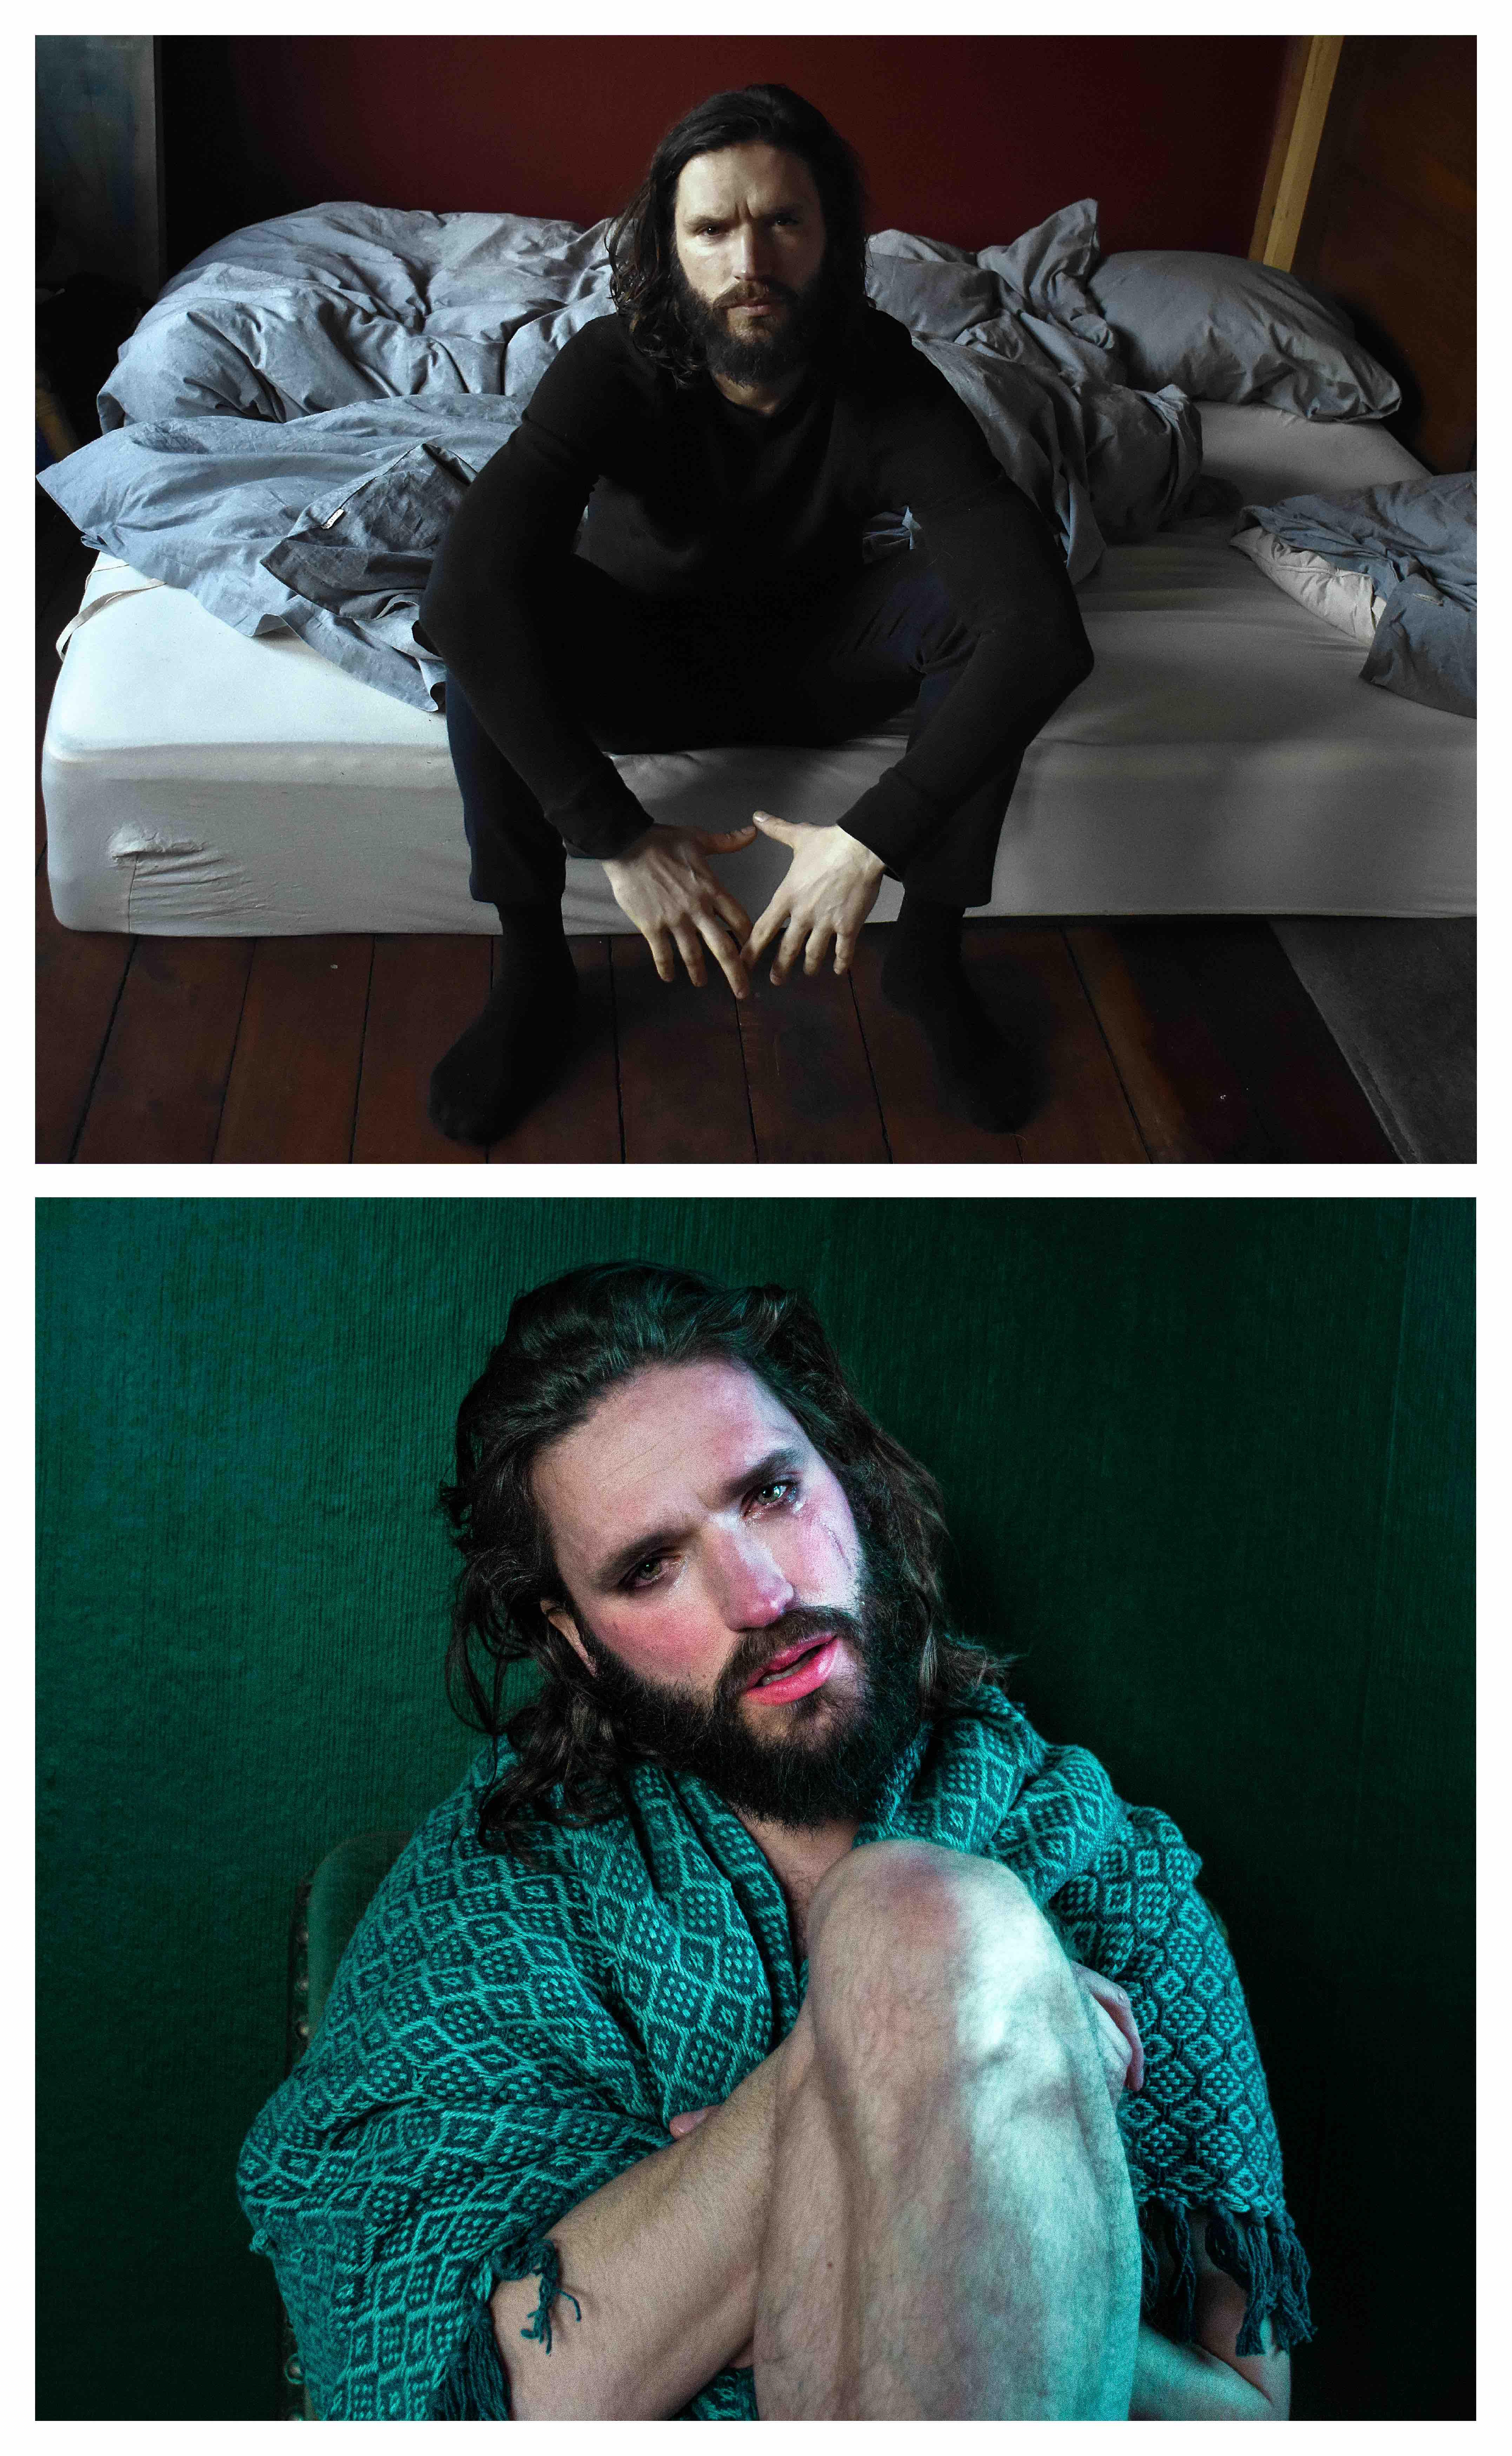 To billeder af Mads: et, hvor han sidder på en seng og ser vred ud, et, hvor han sidder svøbt i et tæppe og græder